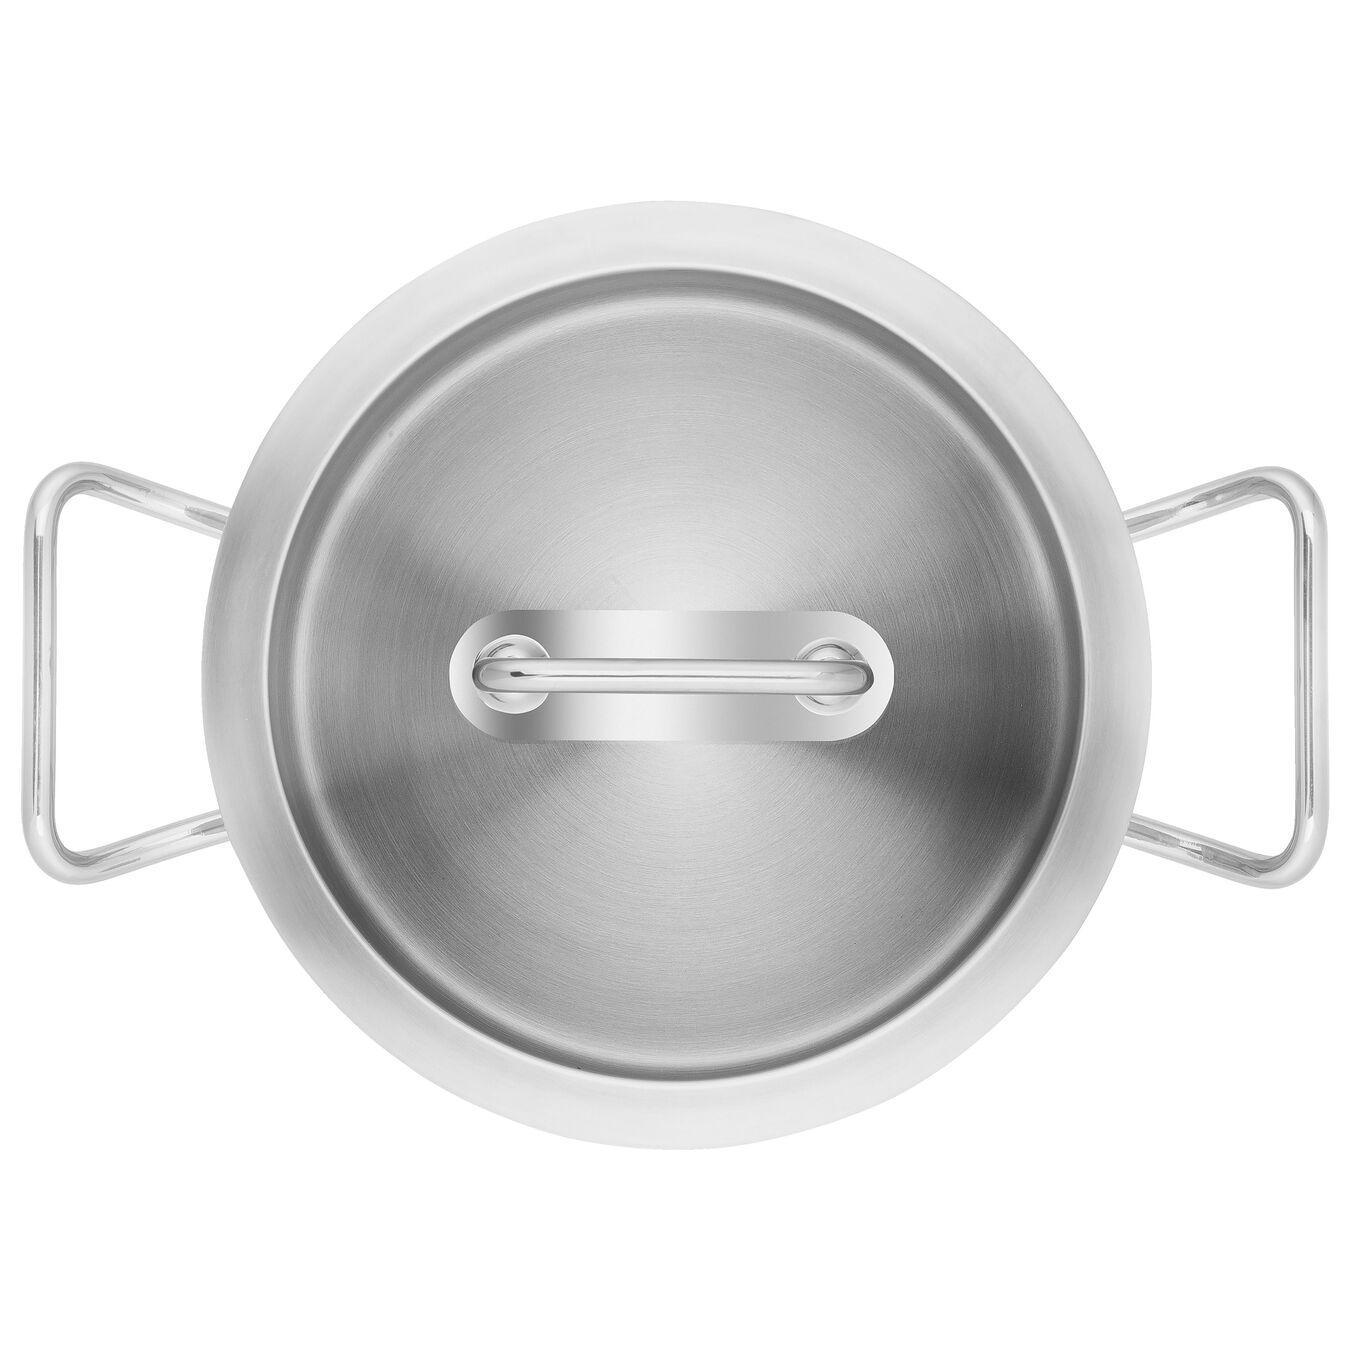 Suppegryde 16 cm, 18/10 rustfrit stål,,large 5